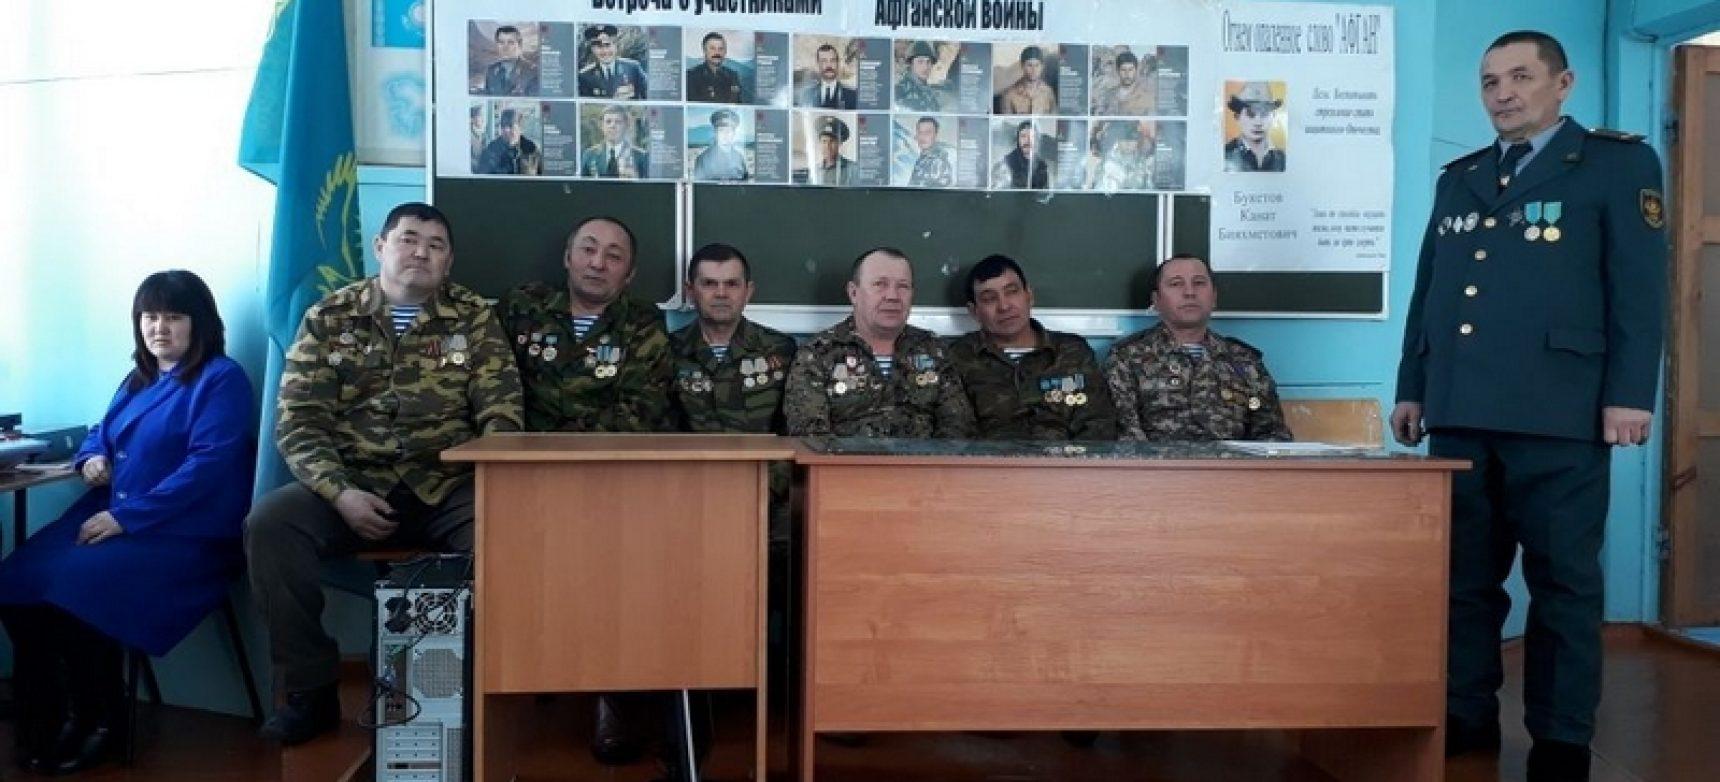 Встреча с участниками афганской войны